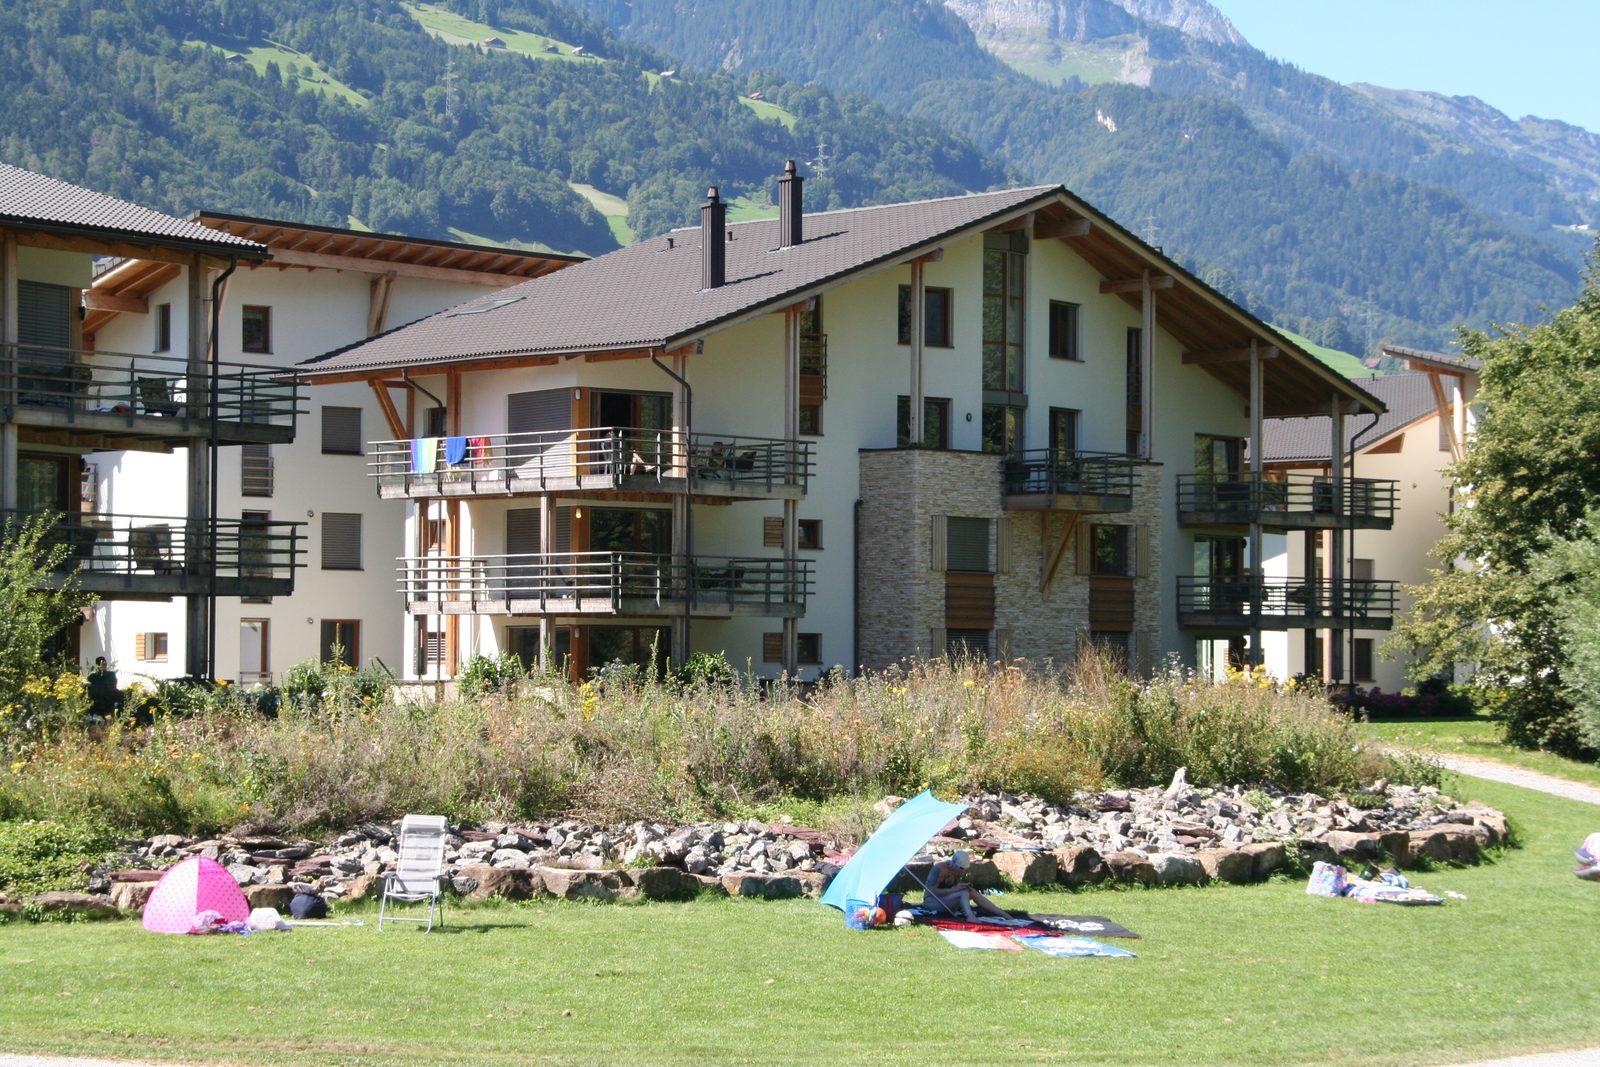 Die Apartments in Resort Walensee Heidiland Flumsberg Schweiz befinden sich direkt am Wasser